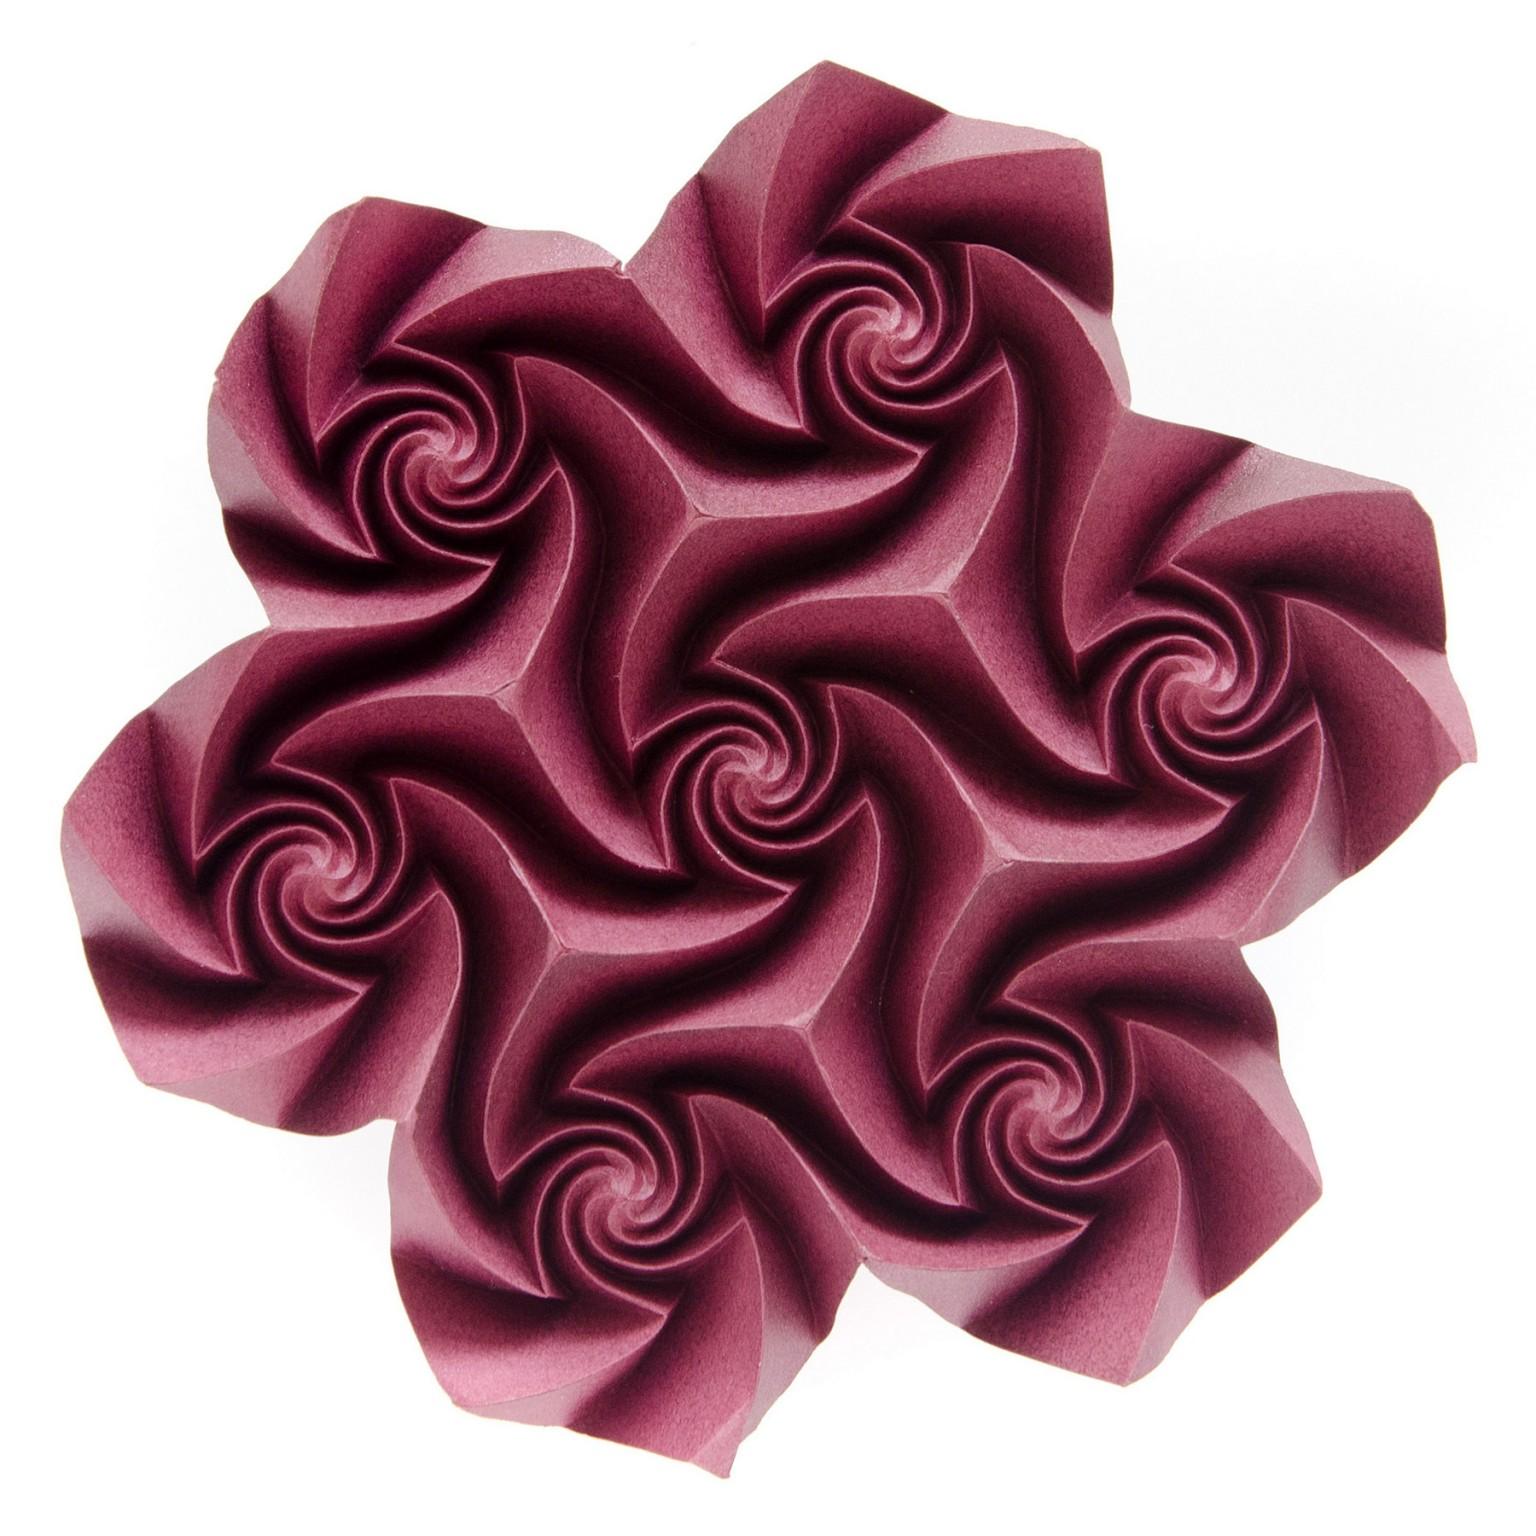 Шедевры в технике Кусудама и тесселяции, оригами от Екатерины Лукашевой, фото 5